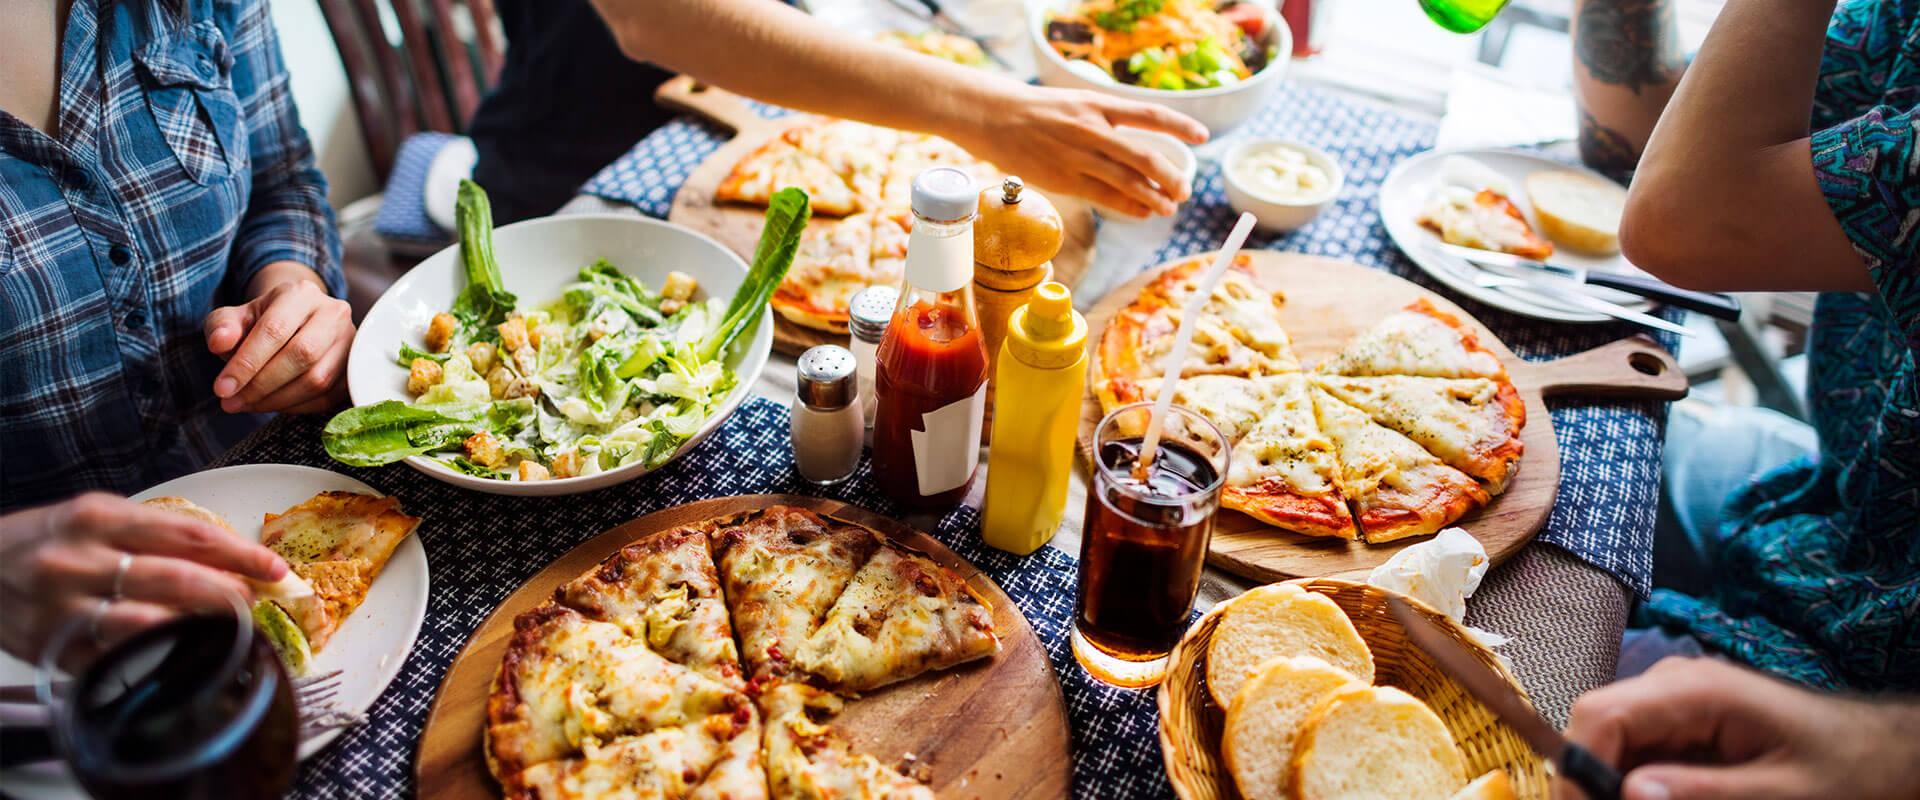 Varias personas comiendo pizza, pasta y pan italiano.